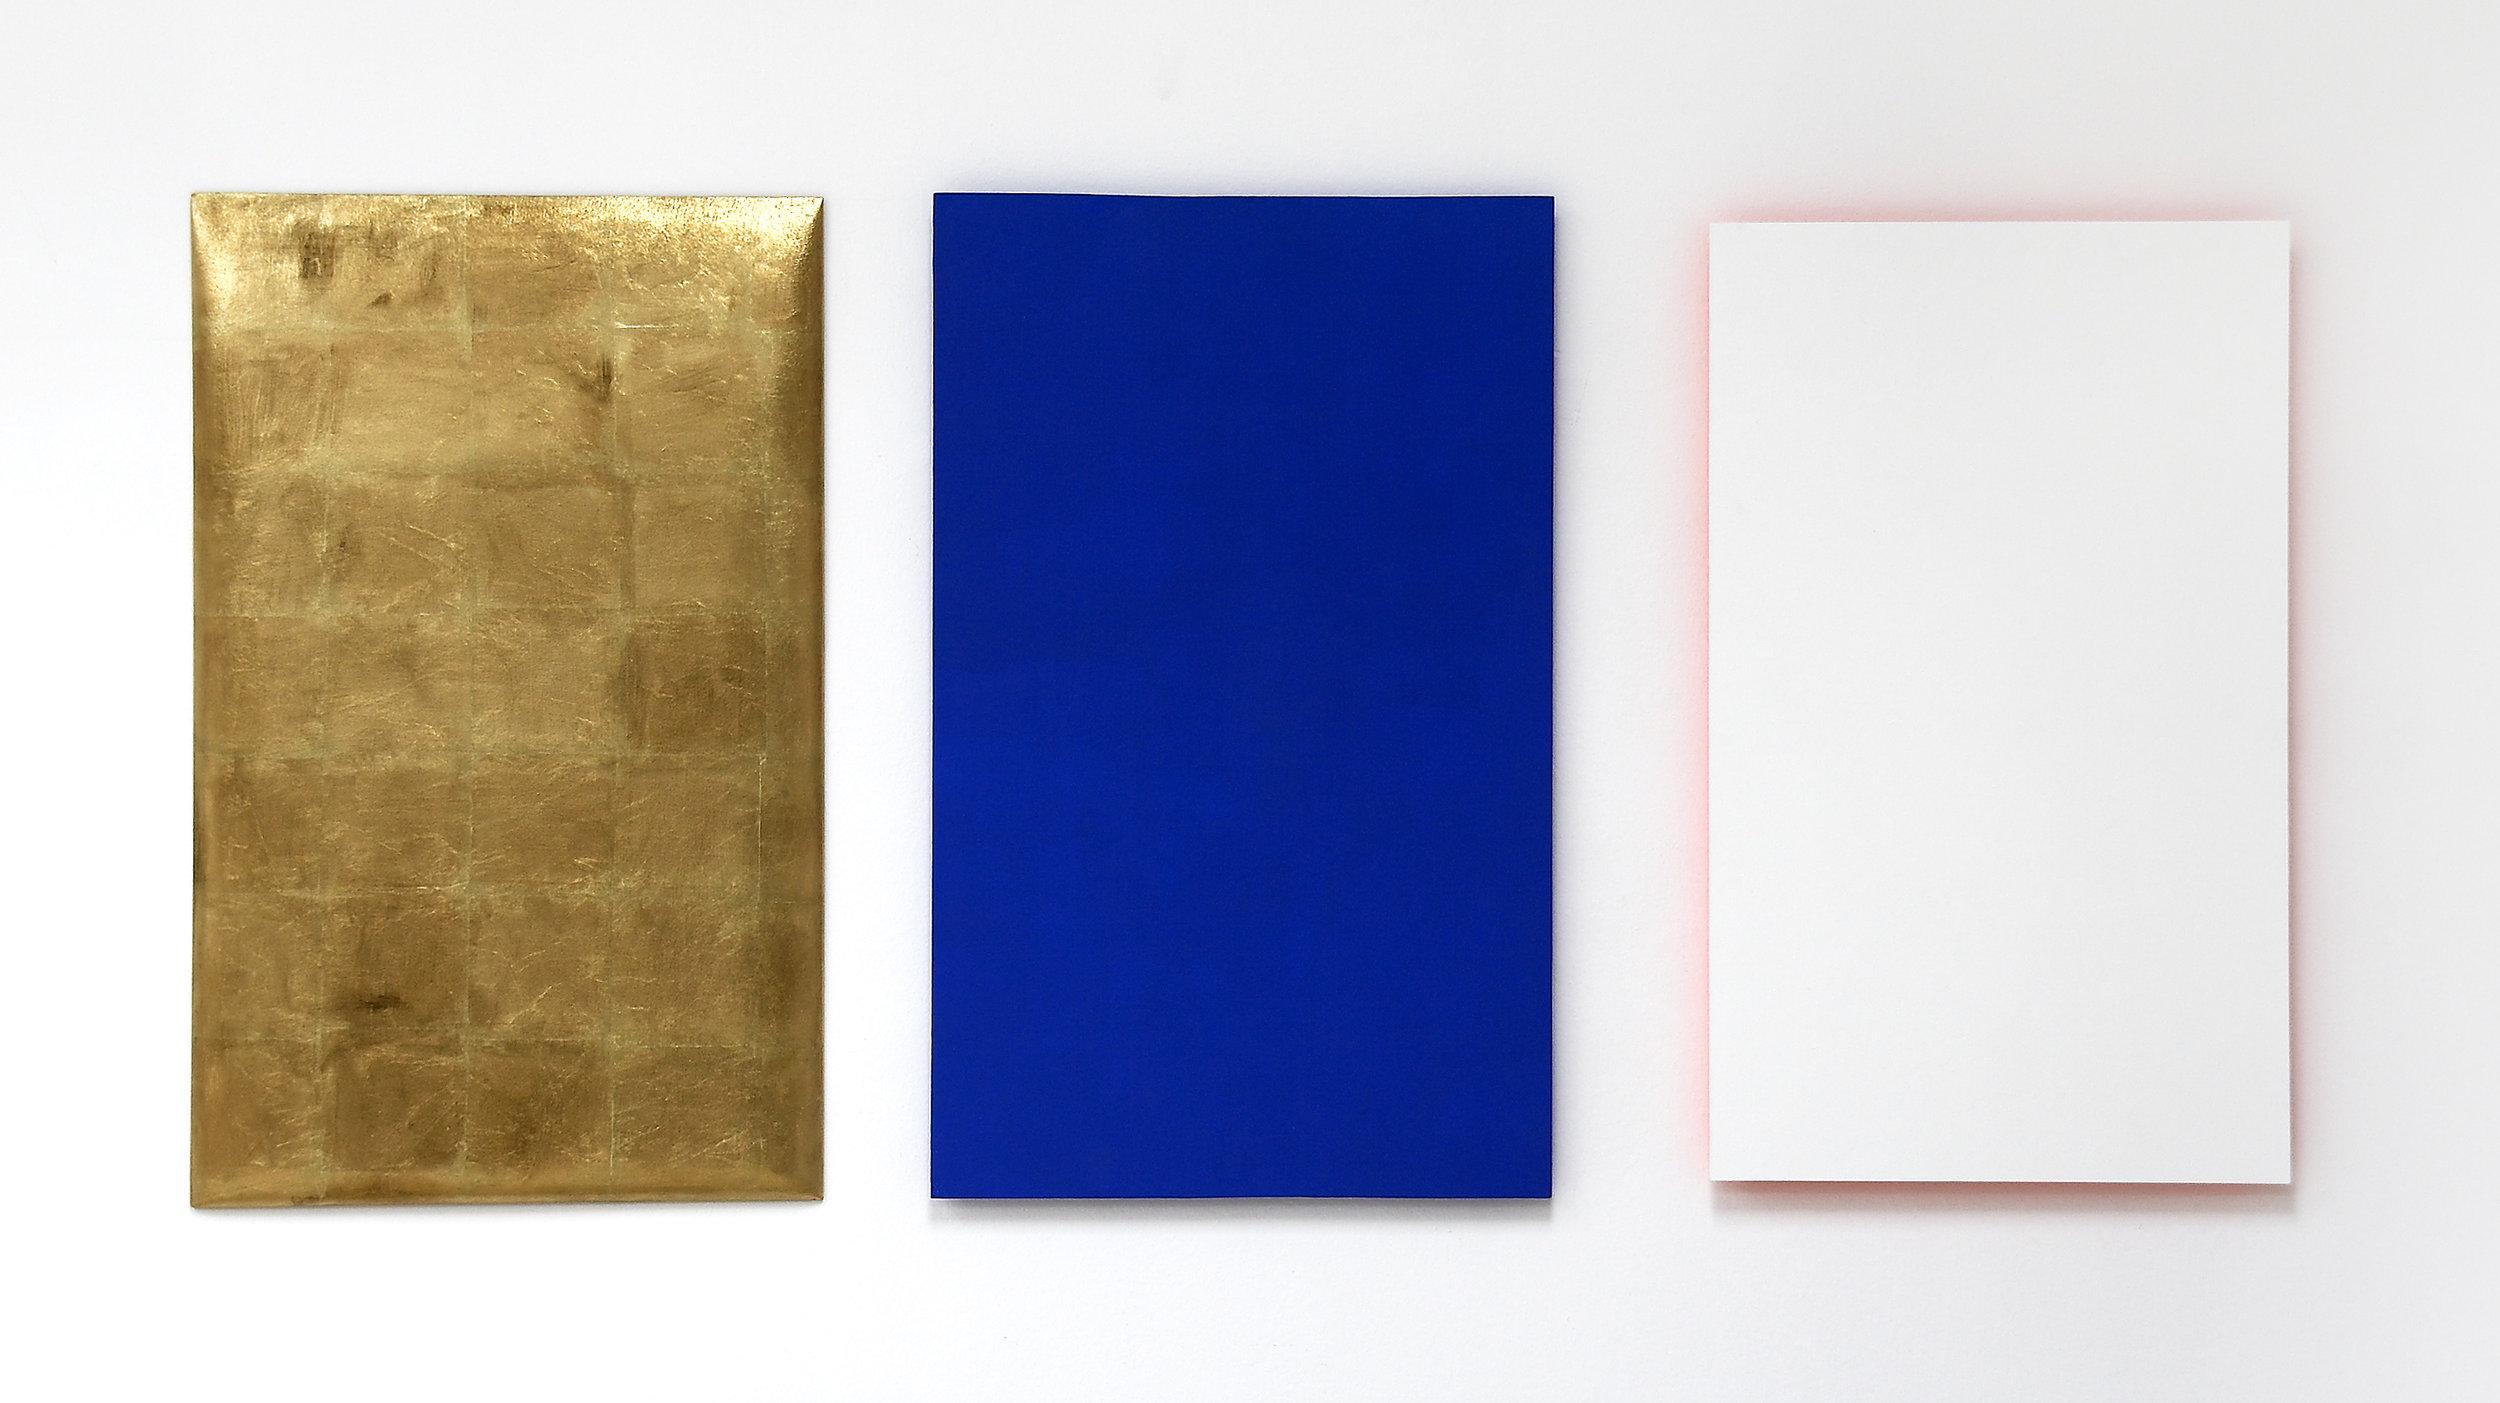 akril, medenina, les, dvakrat 110 x 70 in 105 x 65 cm, 2003